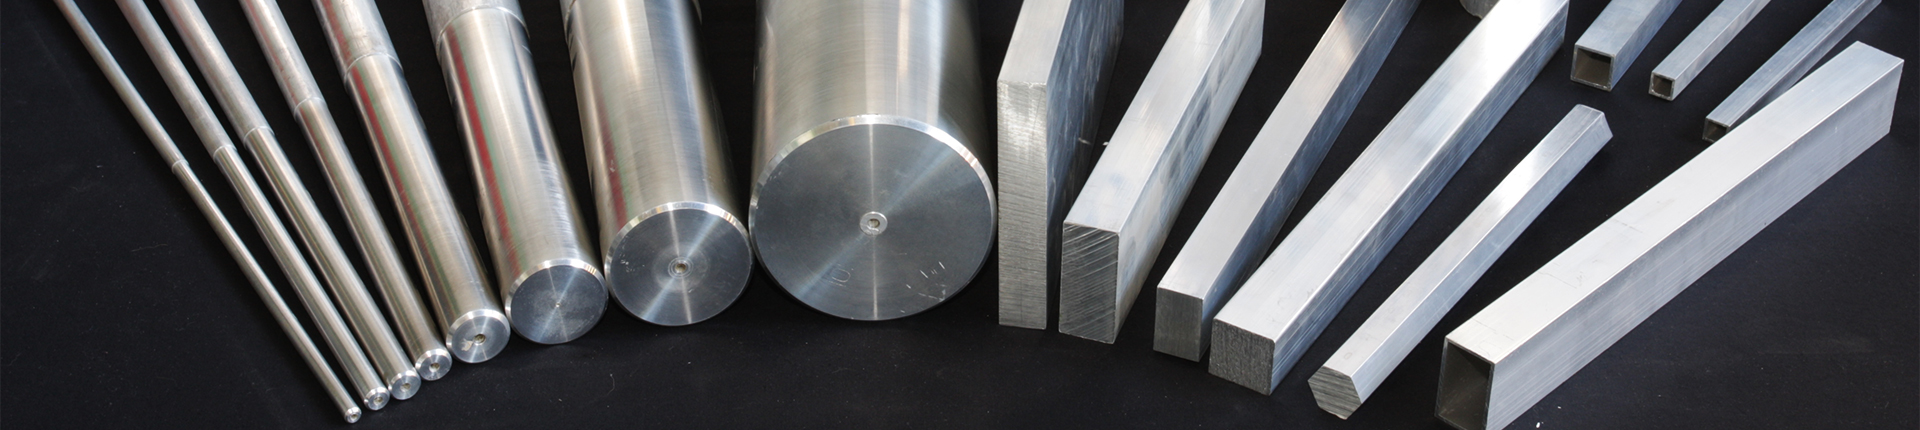 Vendita alluminio profili tubi lastre e barre alluminio for Profili alluminio leroy merlin